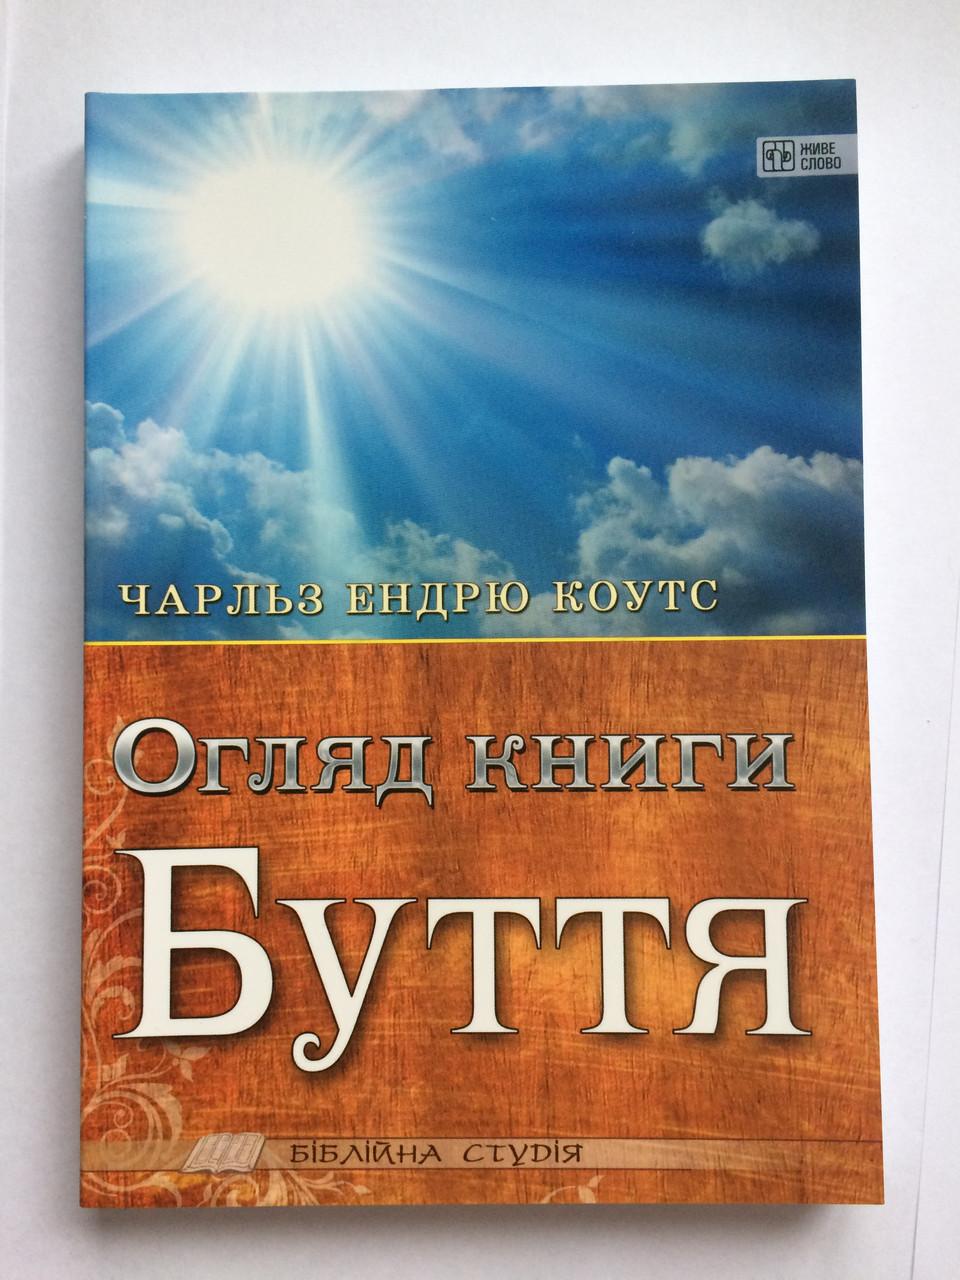 Огляд книги Буття. Чарльз Ендрю Коутс